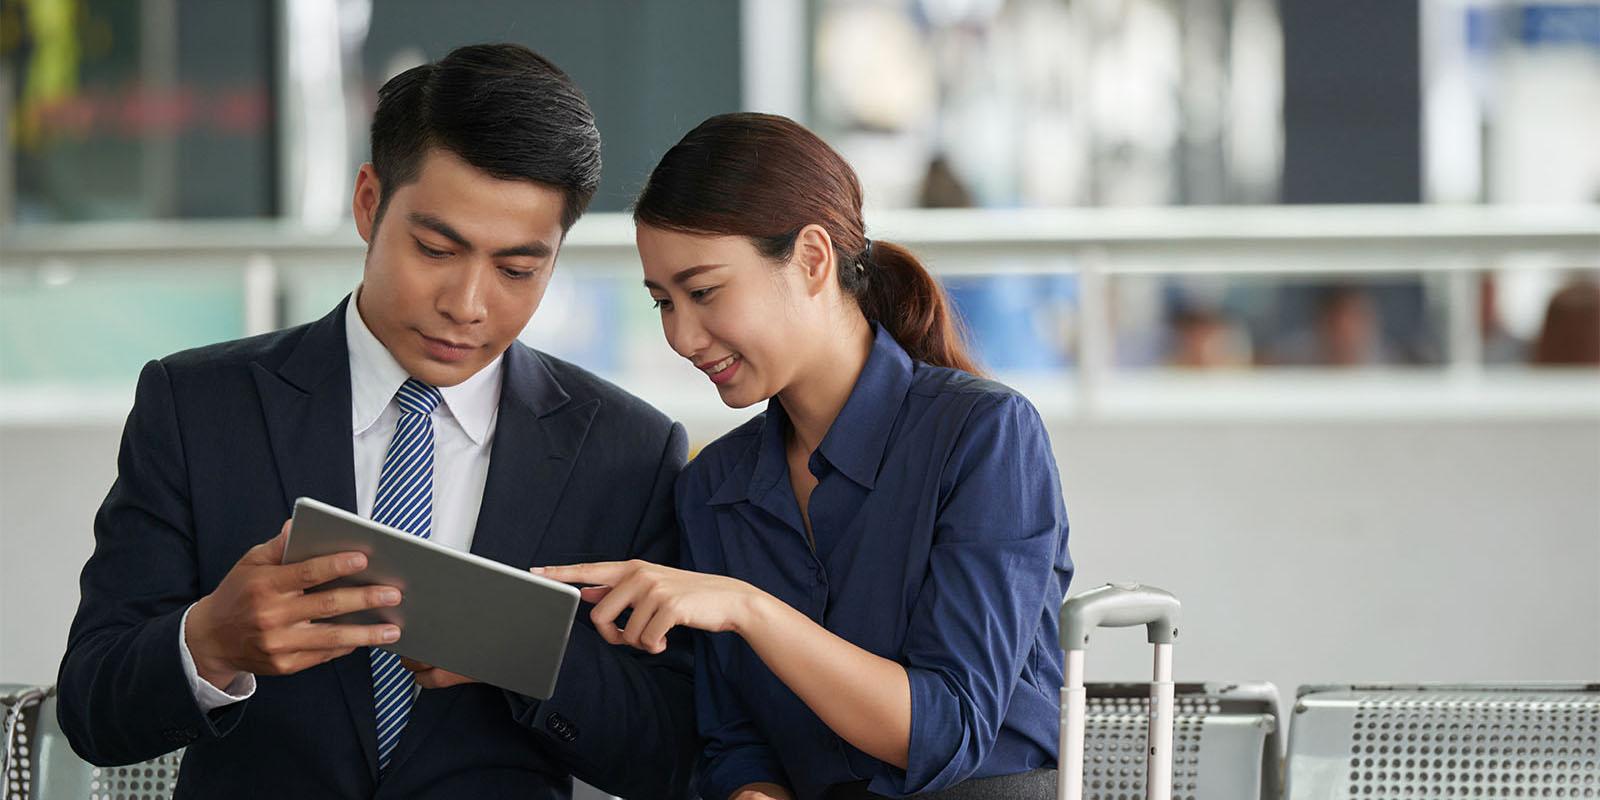 Tại sao nên sử dụng dịch vụ đăng ký kinh doanh?